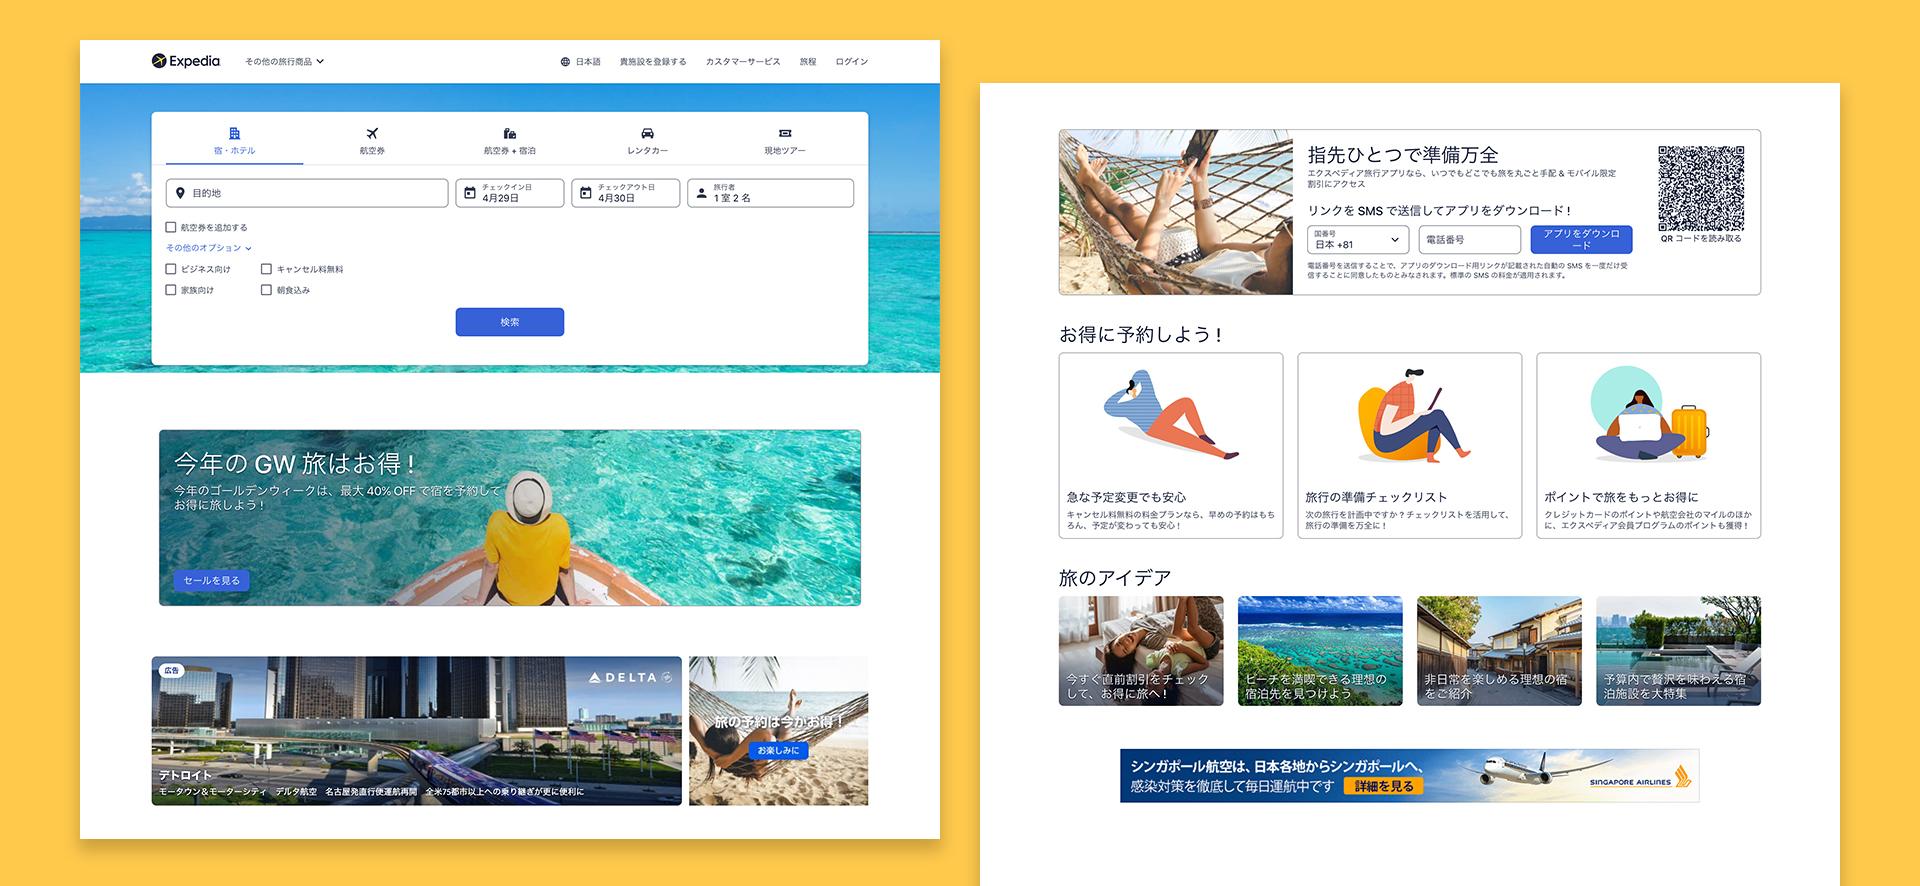 エクスペディア日本サイトのホーム画面